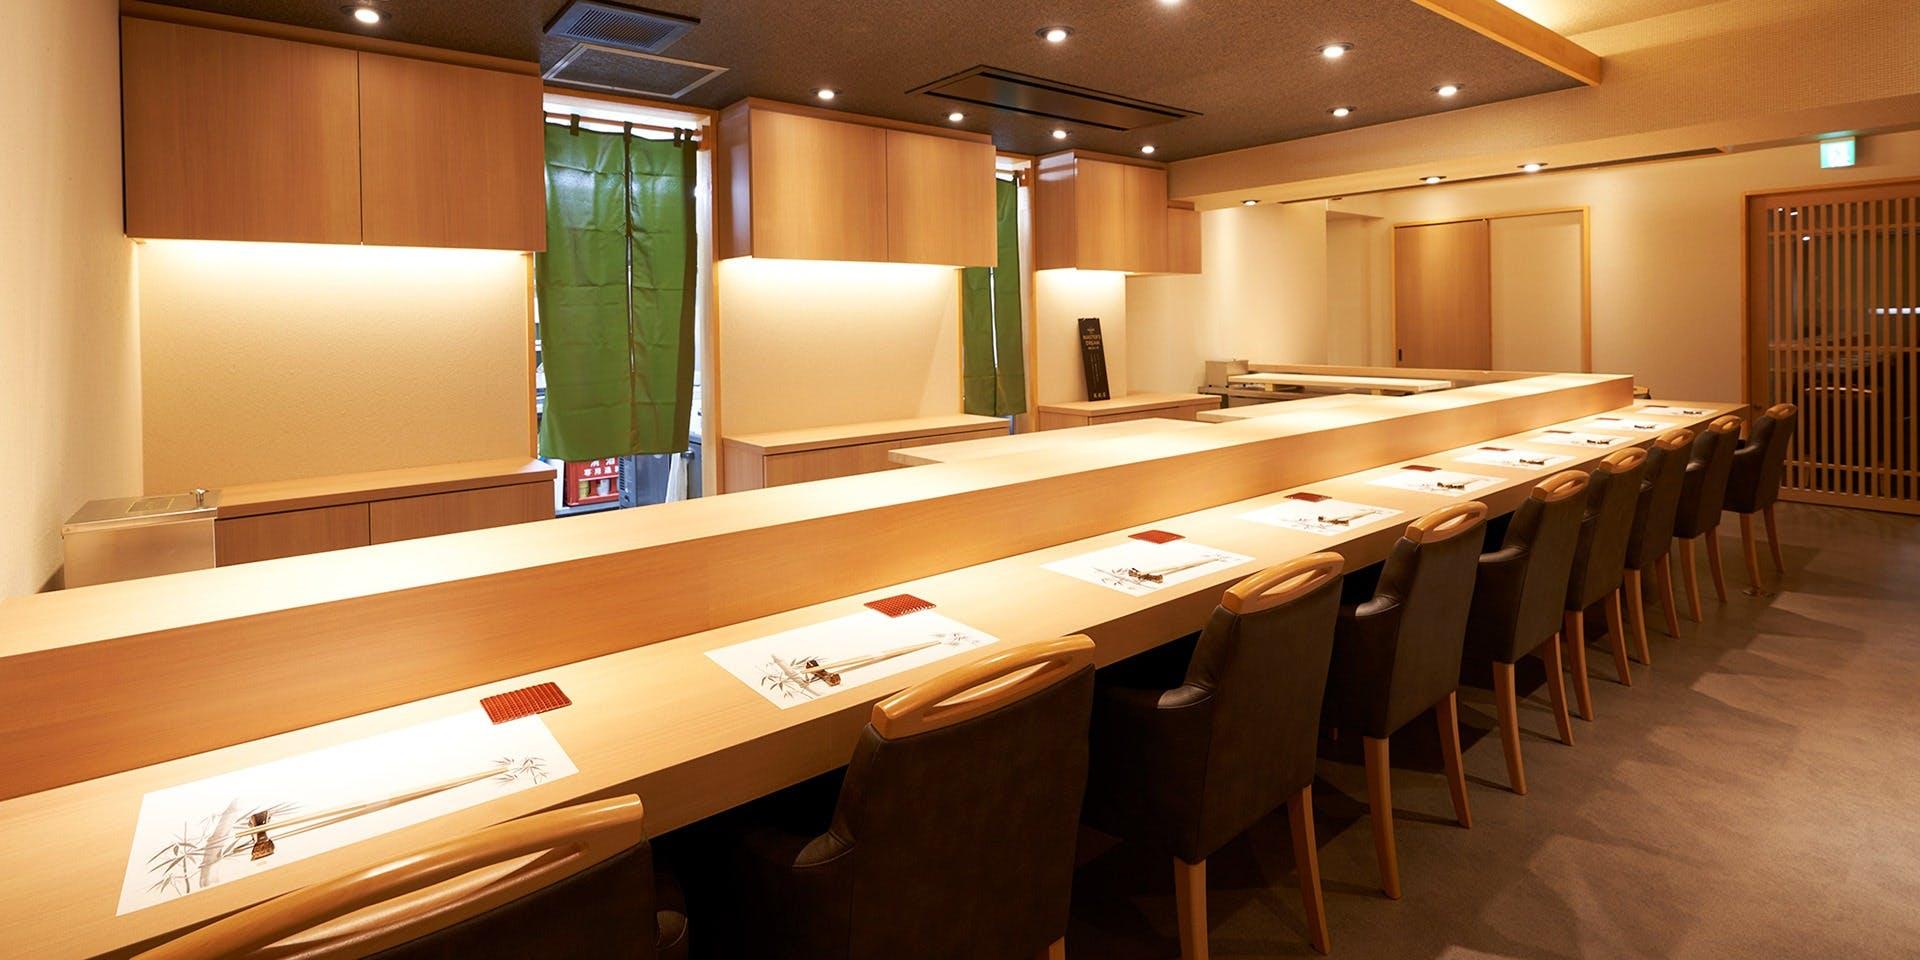 記念日におすすめのレストラン・吉祥寺 鮨 栞庵 やましろの写真1